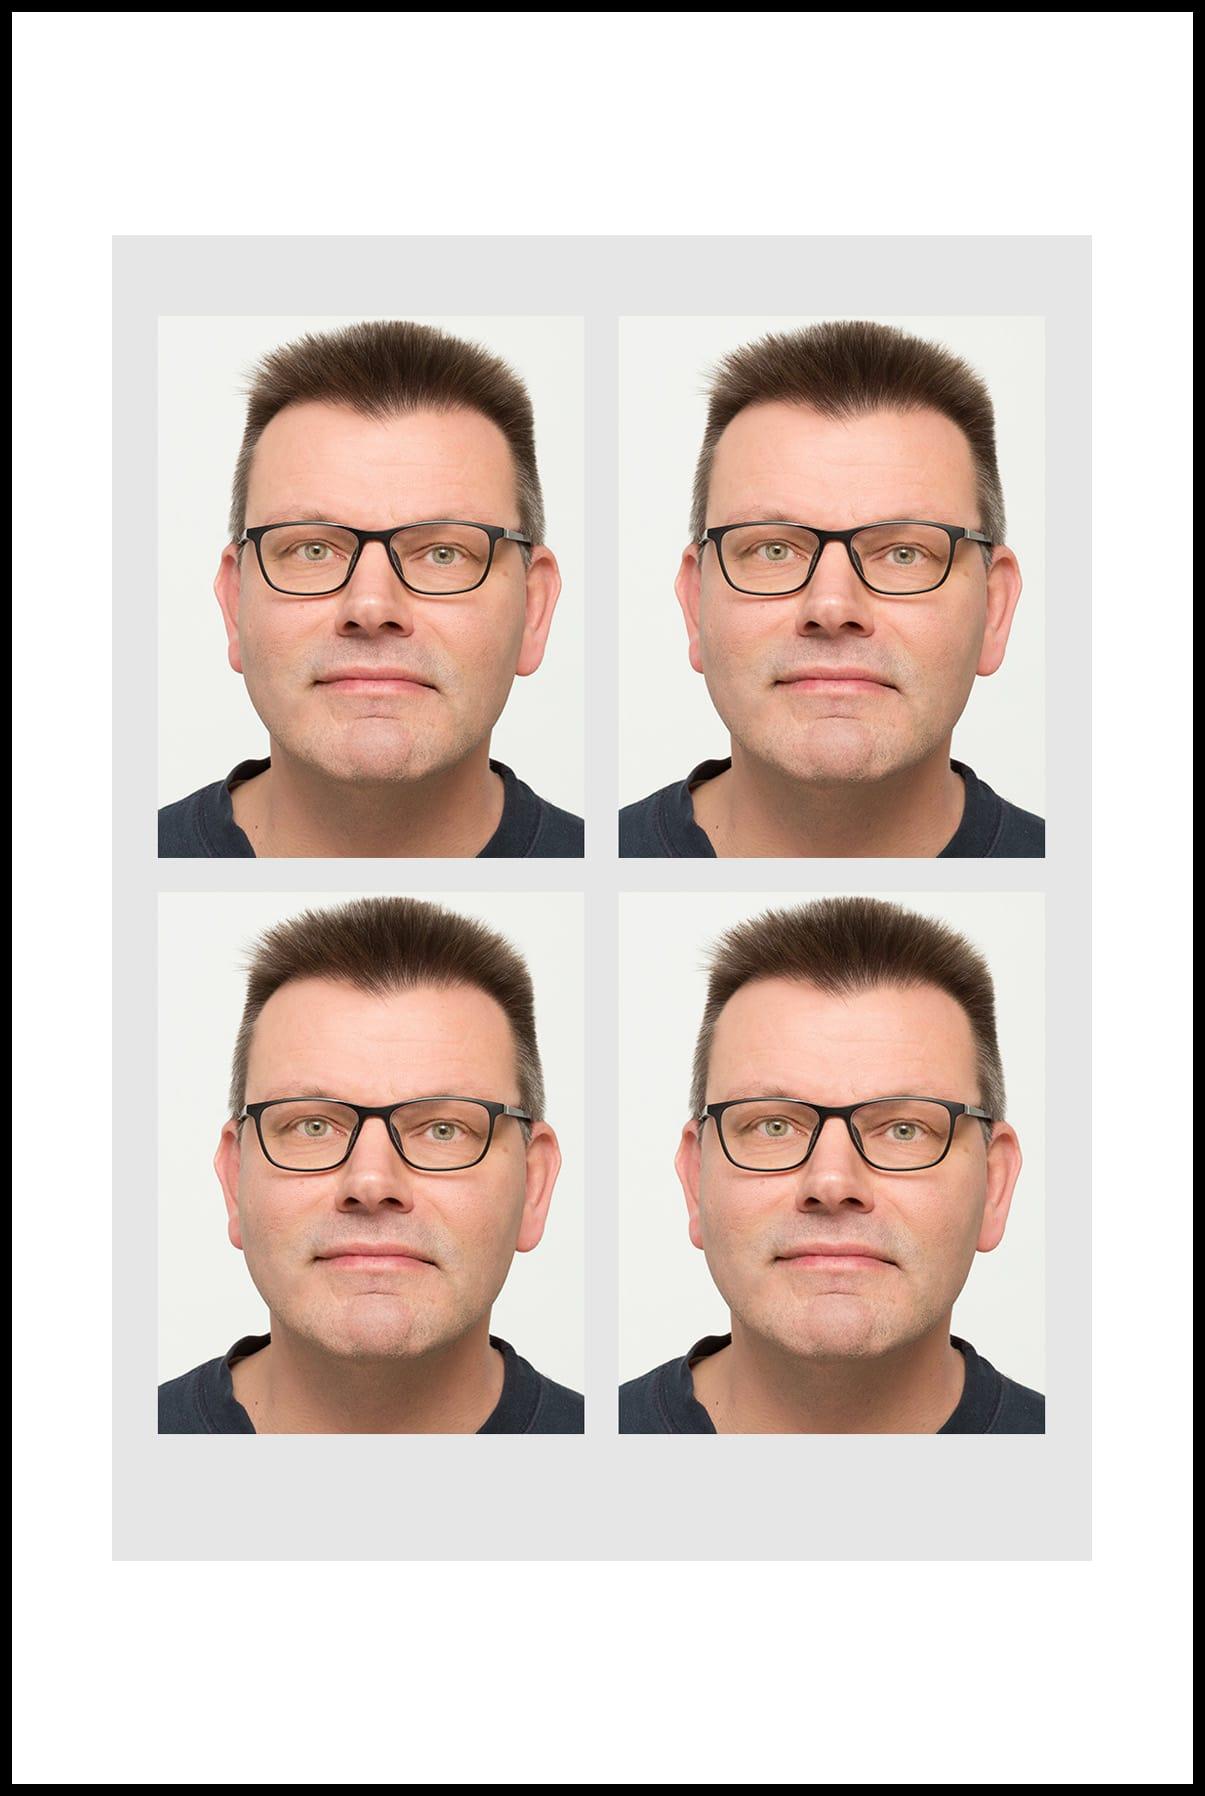 Biometrisches Passbild Für Ausweis Und Führerschein Fotostudio